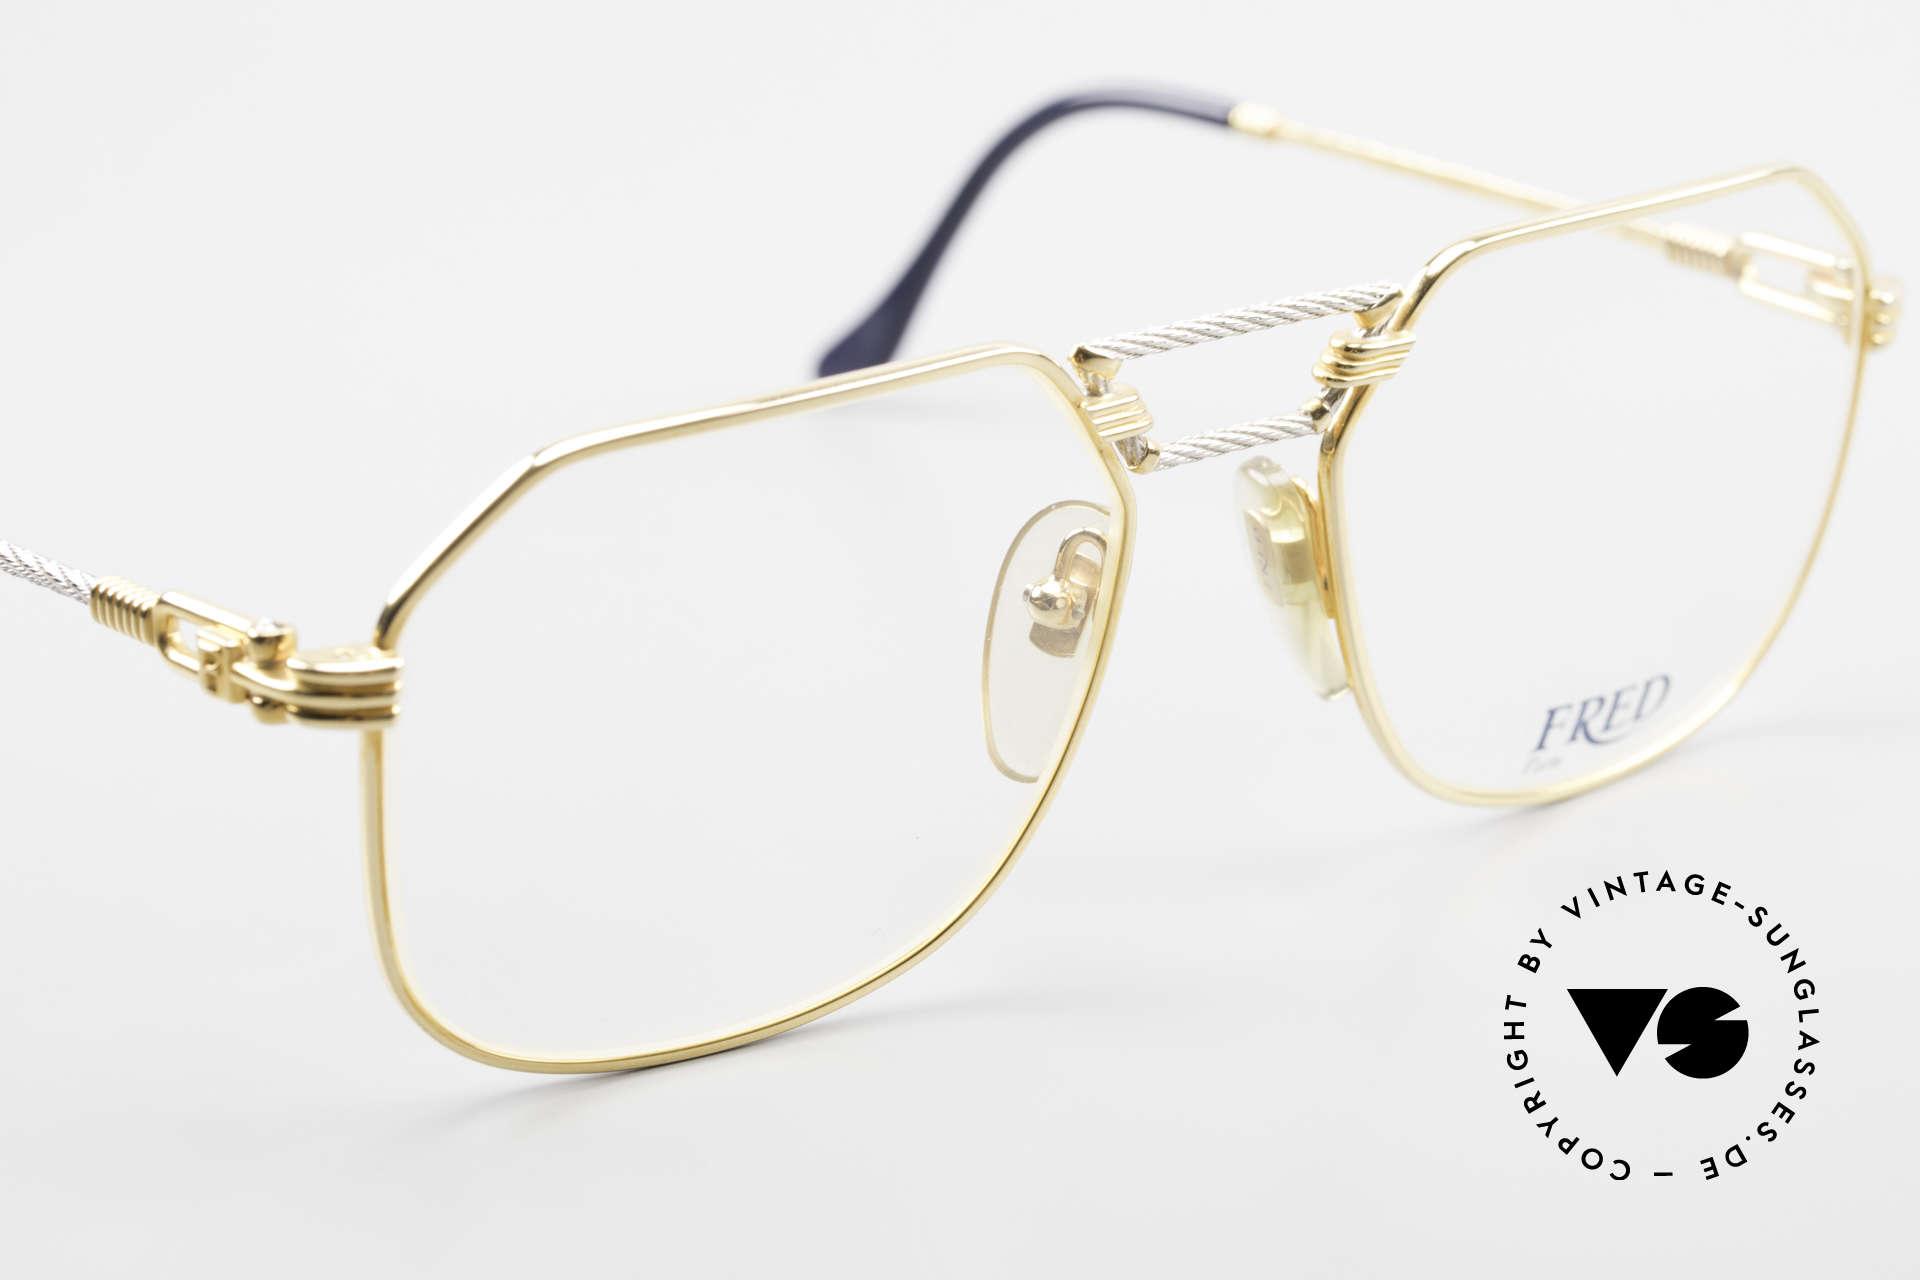 Fred Cap Horn - M Rare 80er Vintage Brille Luxus, kostbare bicolore Ausführung; Platin & 23kt vergoldet, Passend für Herren